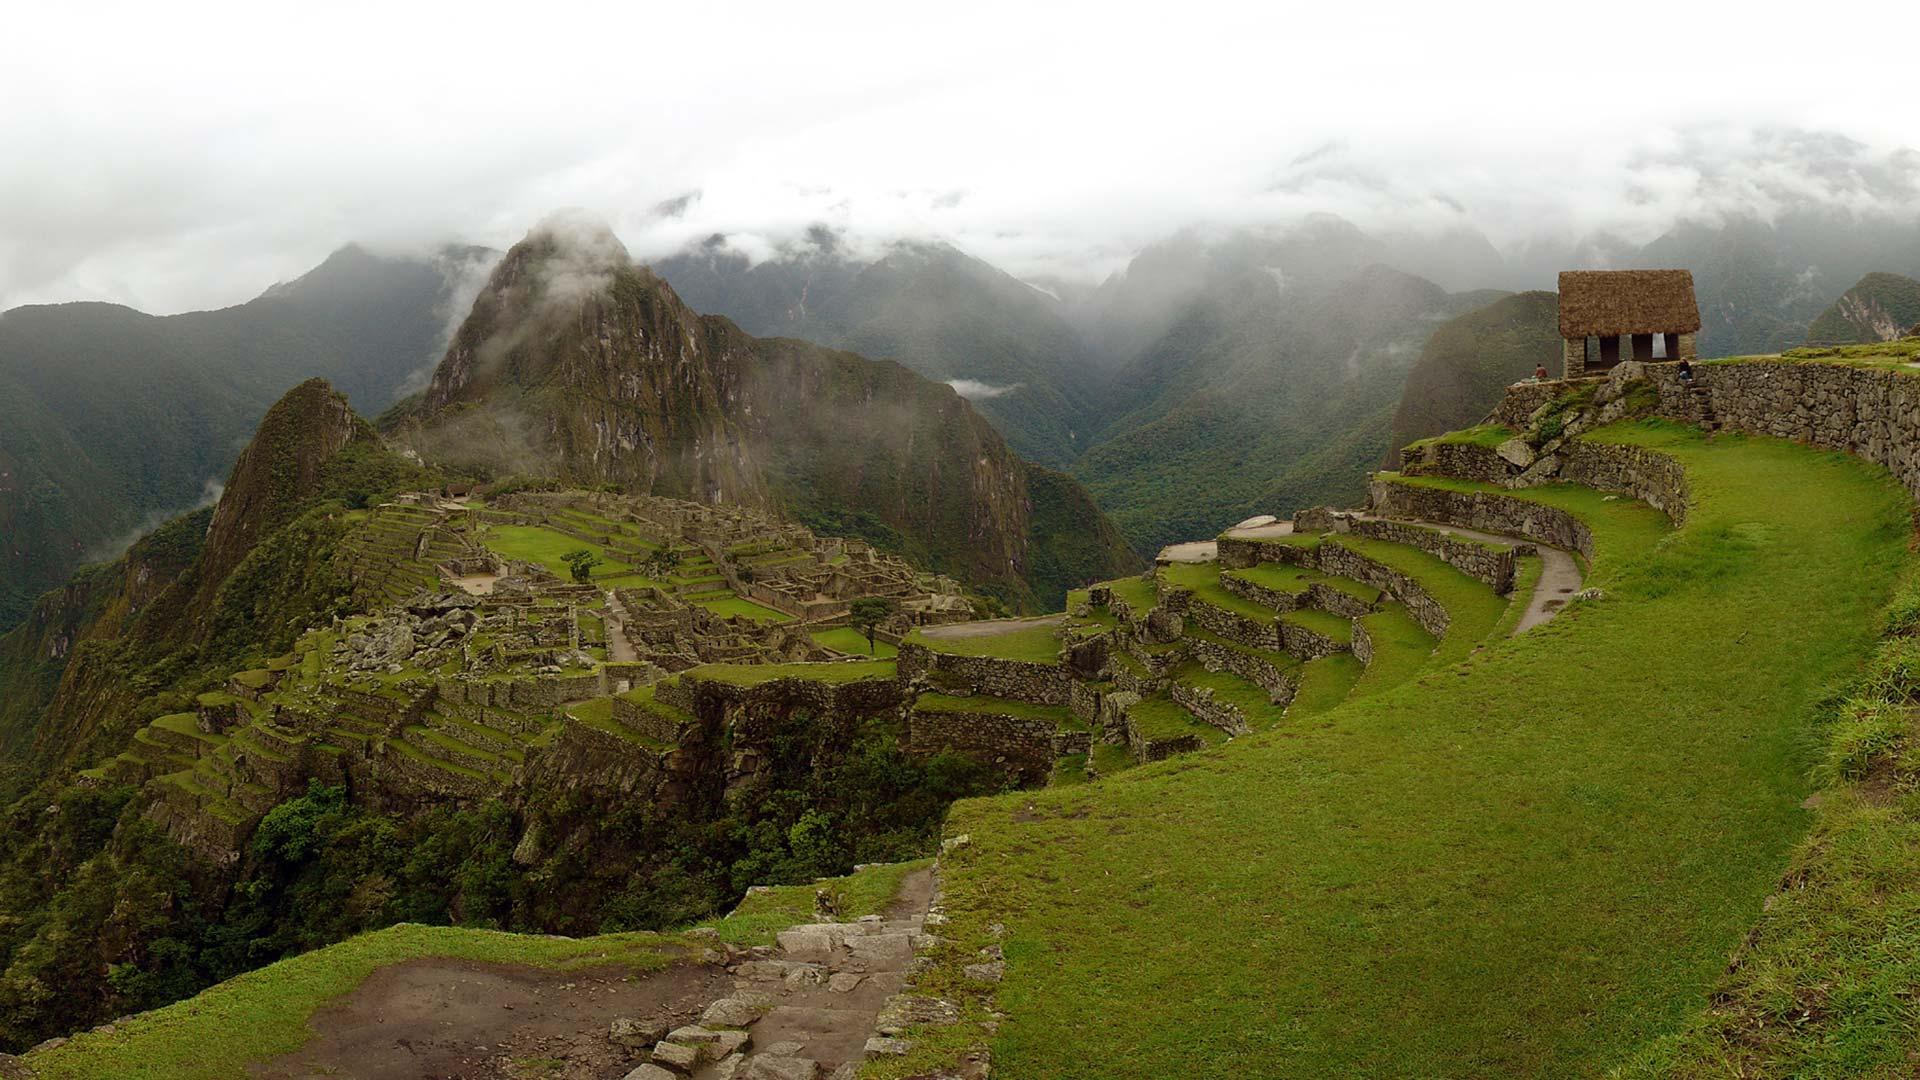 Hiking The Inca Trail & Machu Pichu